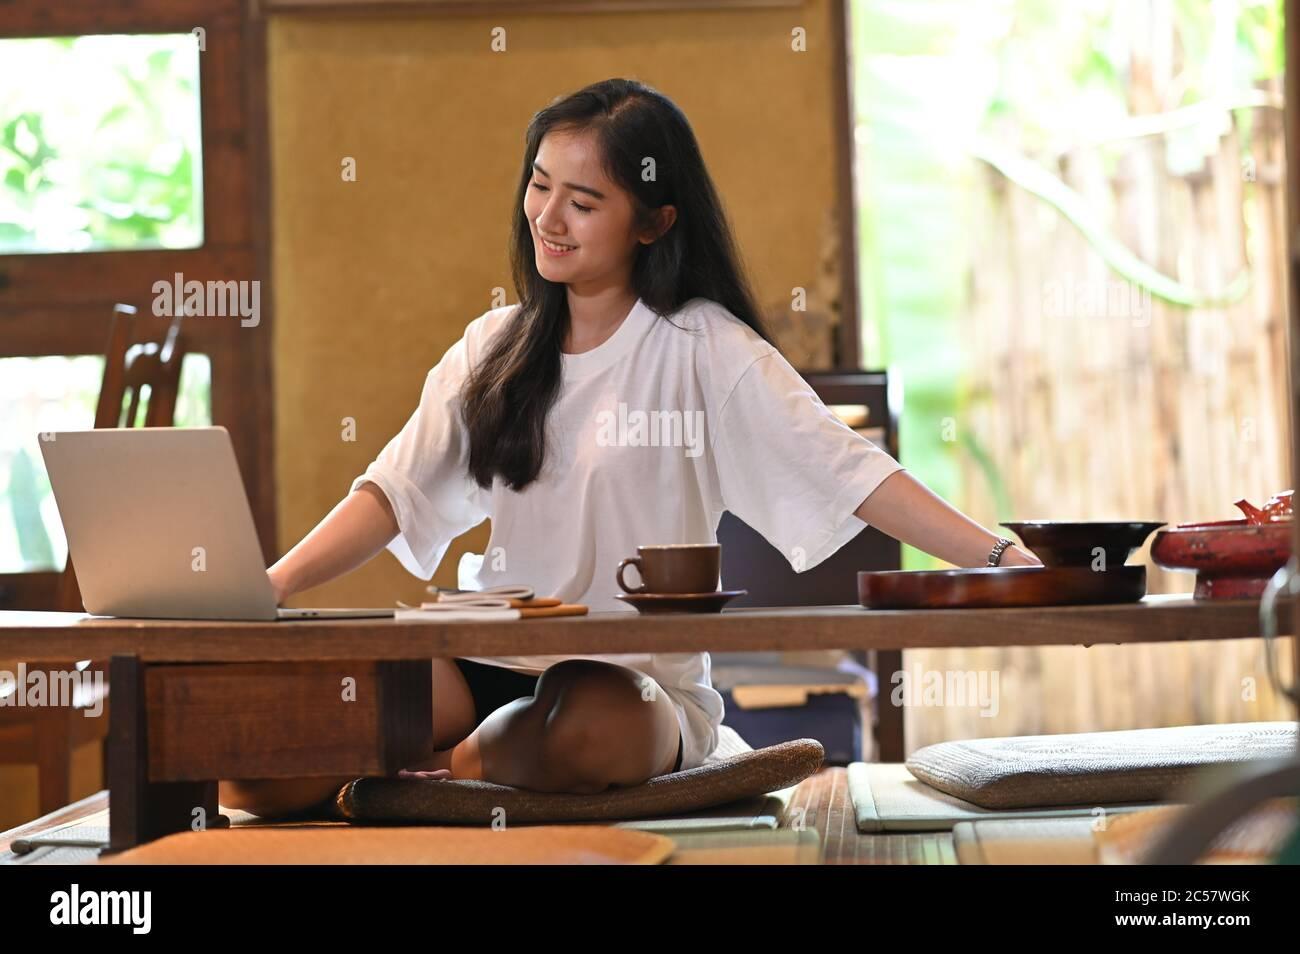 Una mujer hermosa está estirando su brazo mientras trabaja con un ordenador portátil en la mesa de madera de piernas cortas. Foto de stock